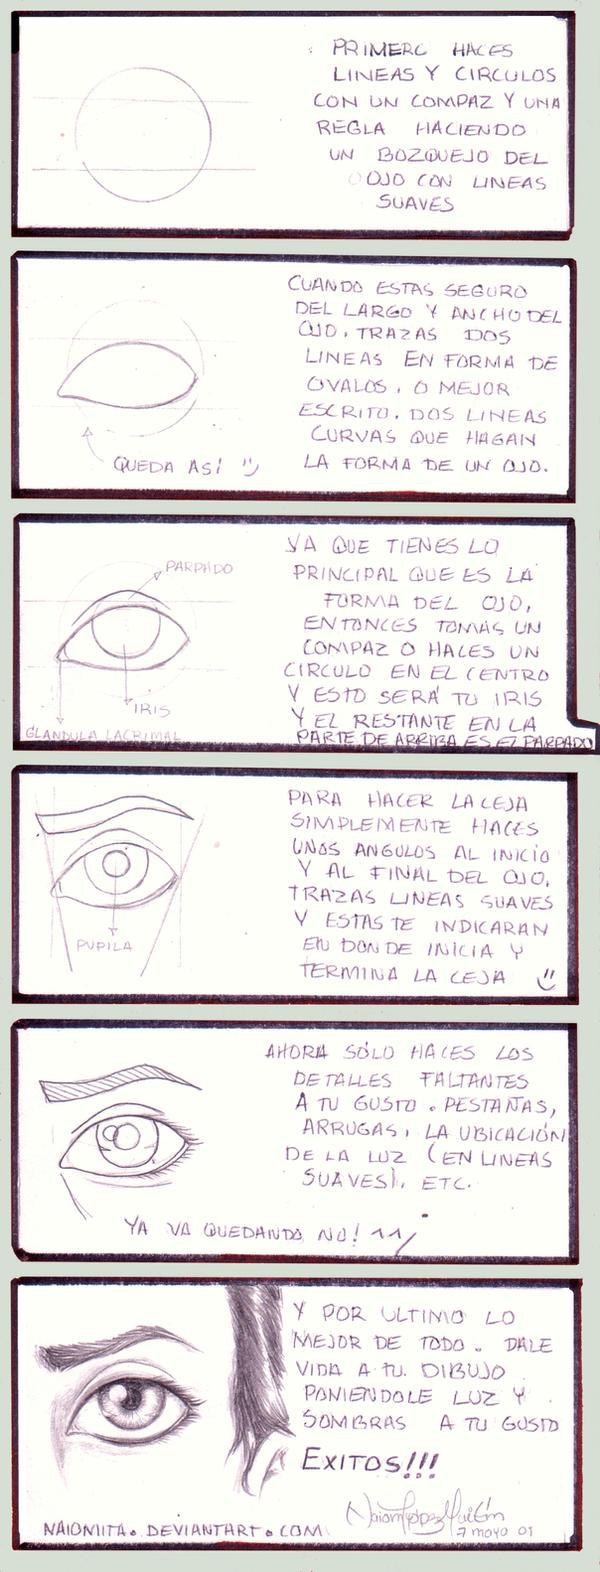 Como dibujar un ojo humano by noticias